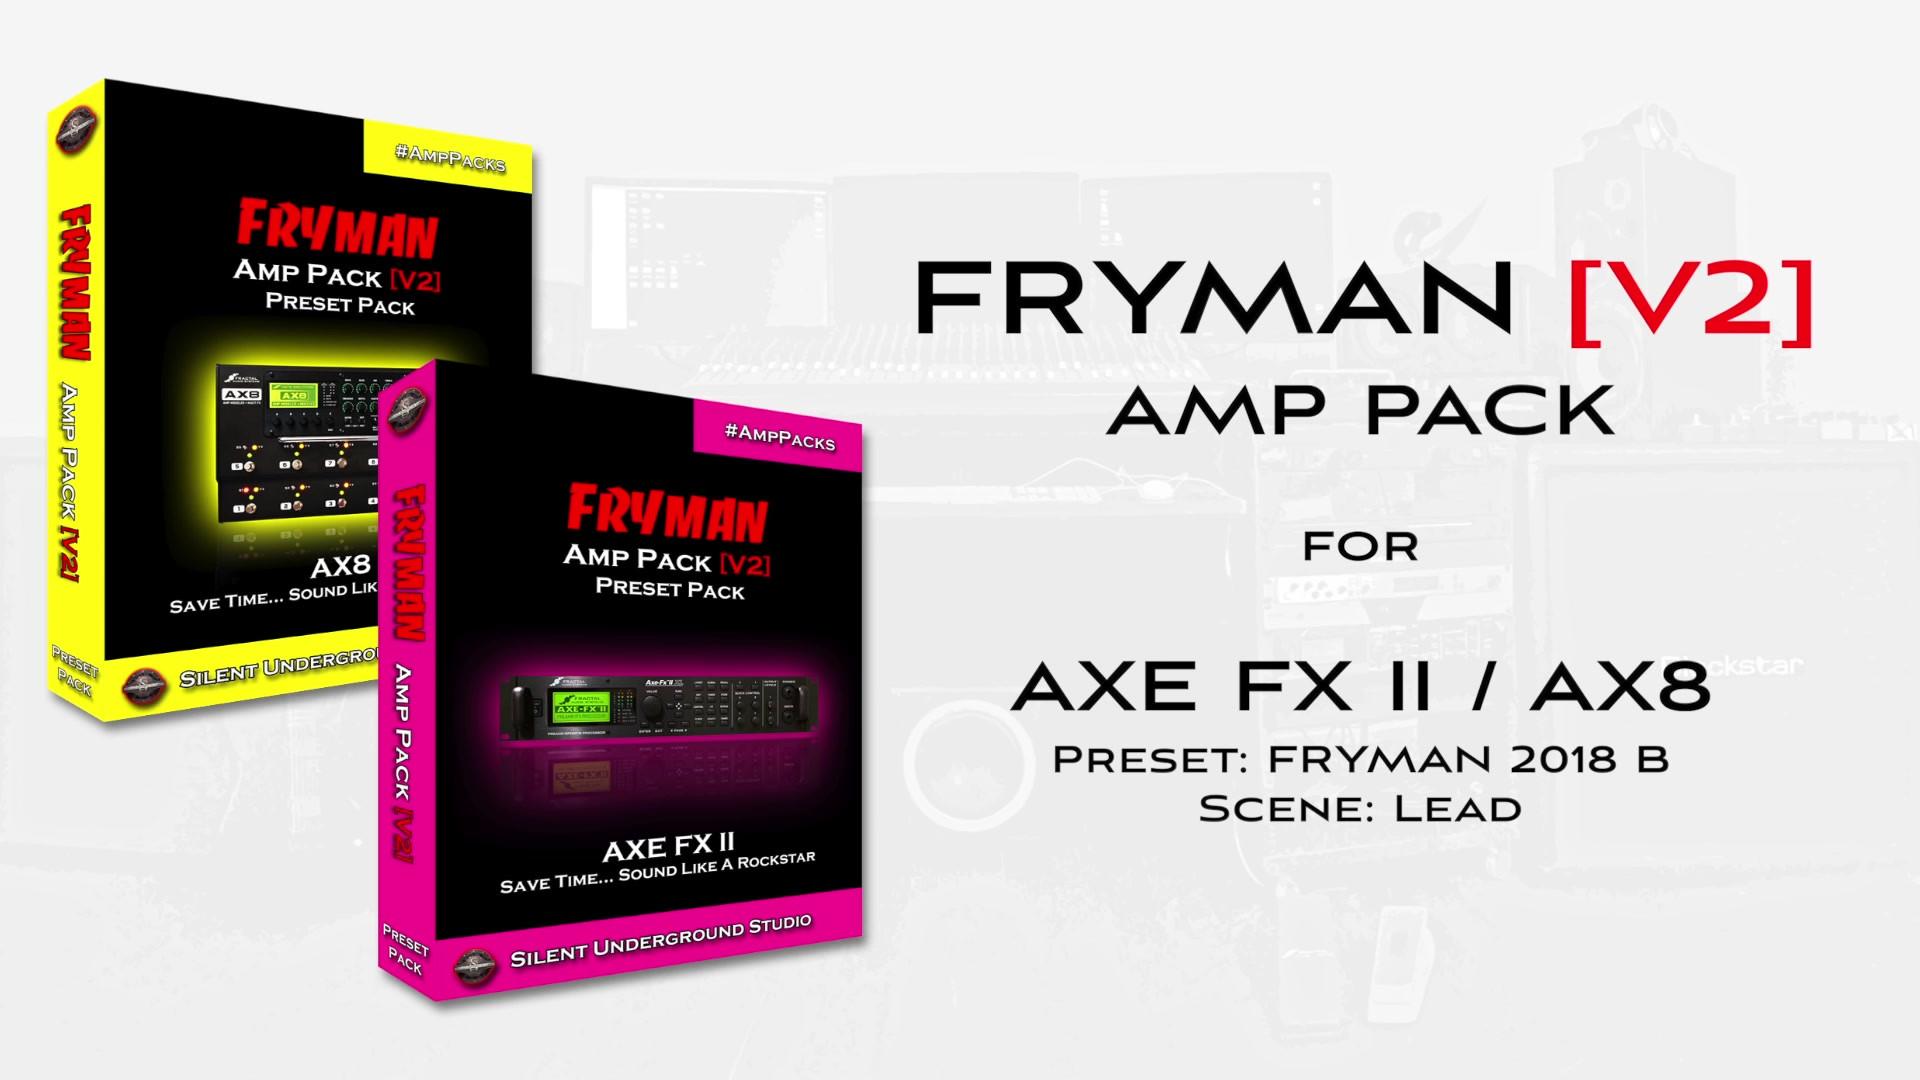 FRYMAN V2 AMP PACK - FRYMAN 2018 B - AXE